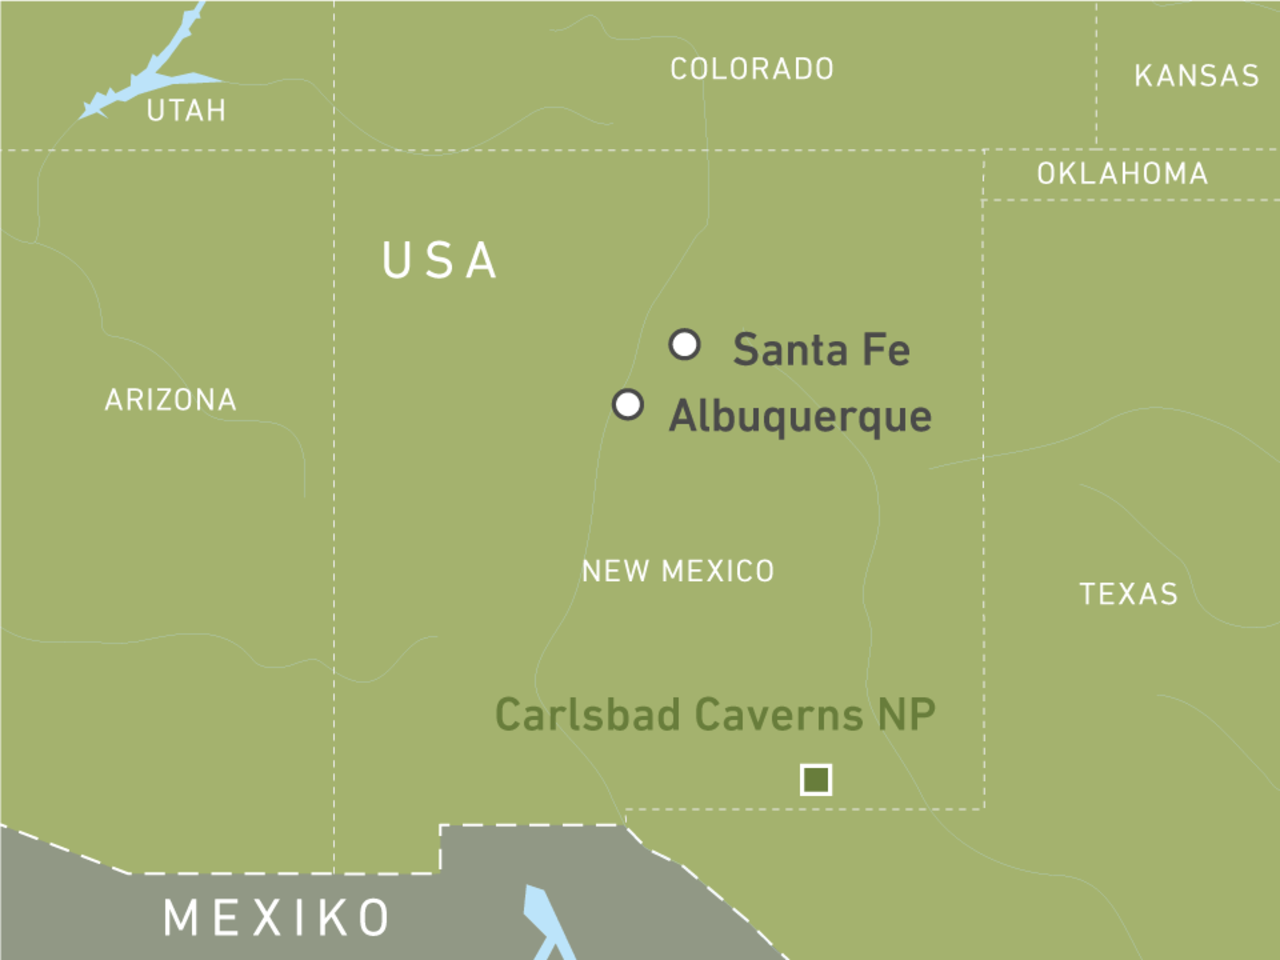 New Mexico Reisen – Canyons & Nationalparks entdecken! | CANUSA